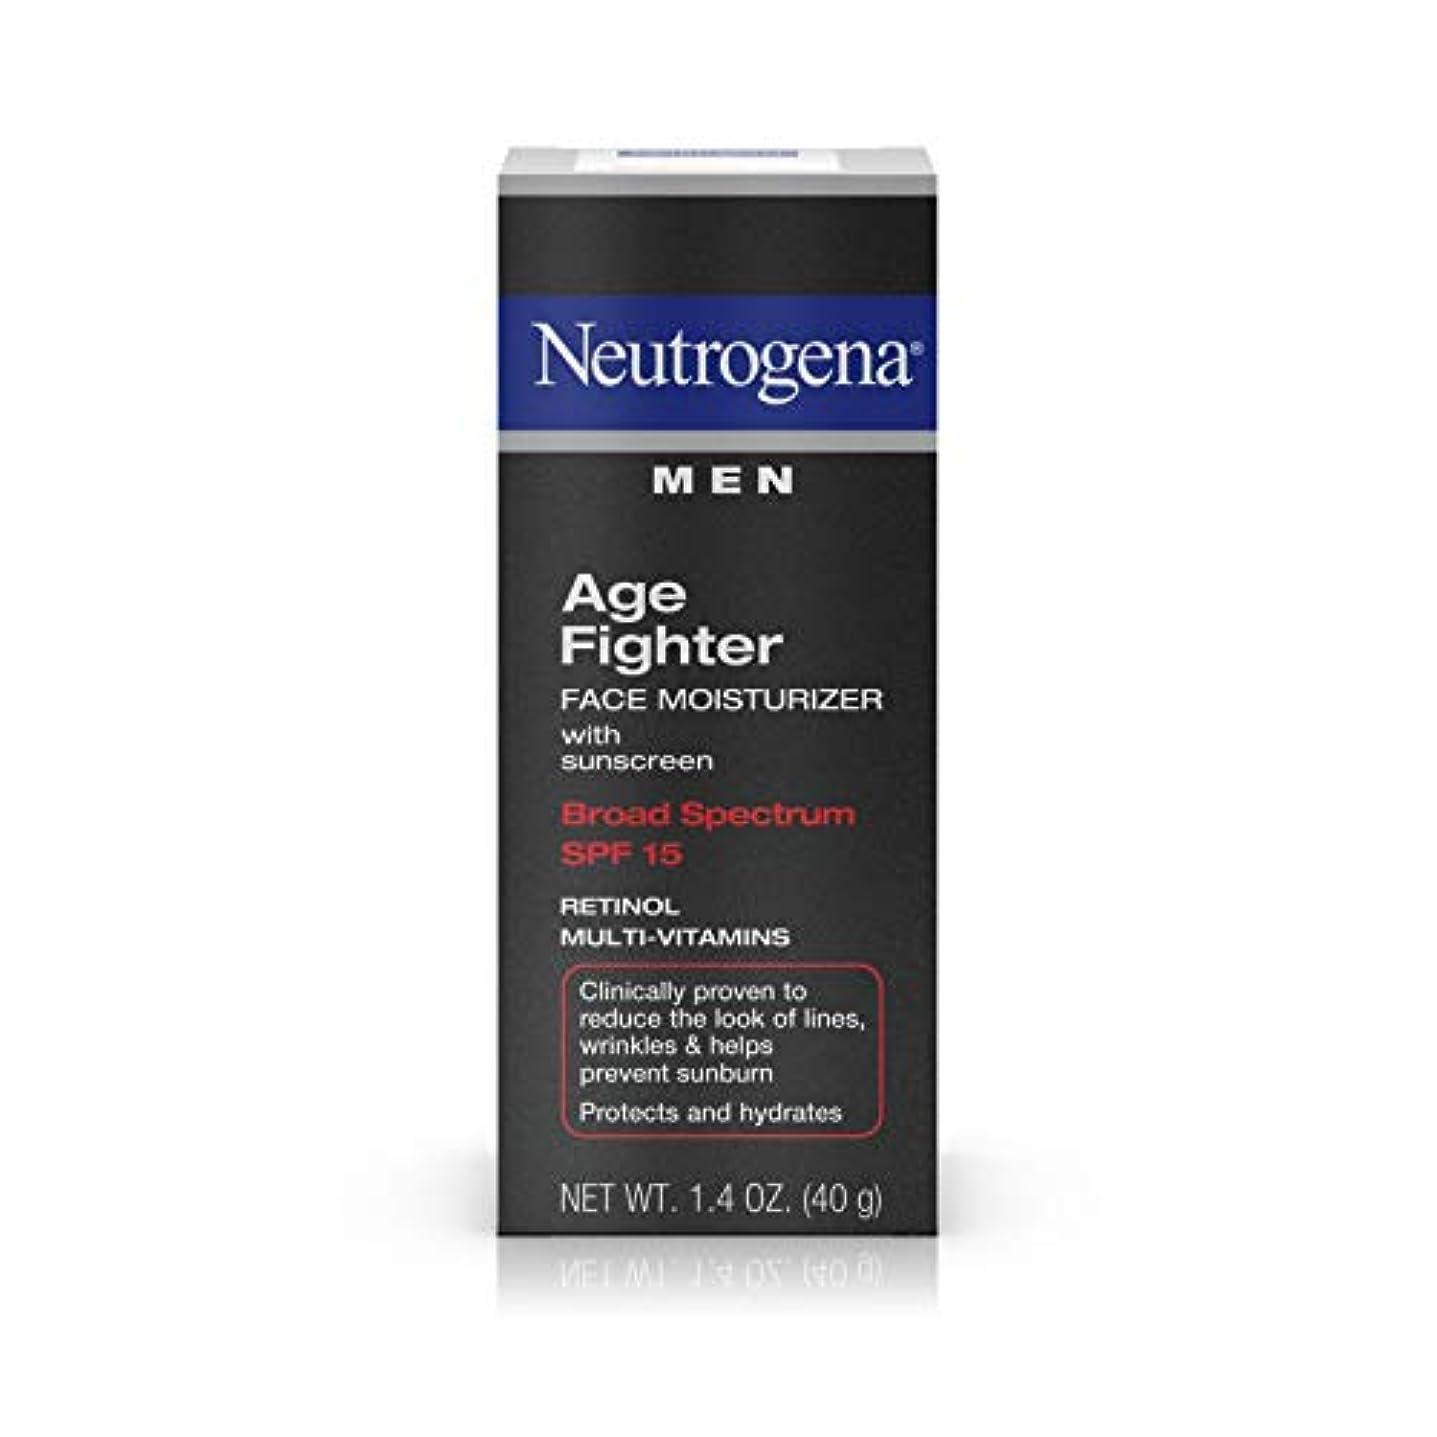 不正確行動がんばり続けるNeutrogena Men Age Fighter Face Moisturizer with sunscreen SPF 15 1.4oz.(40g) 男性用ニュートロジーナ メン エイジ ファイター フェイス モイスチャライザー